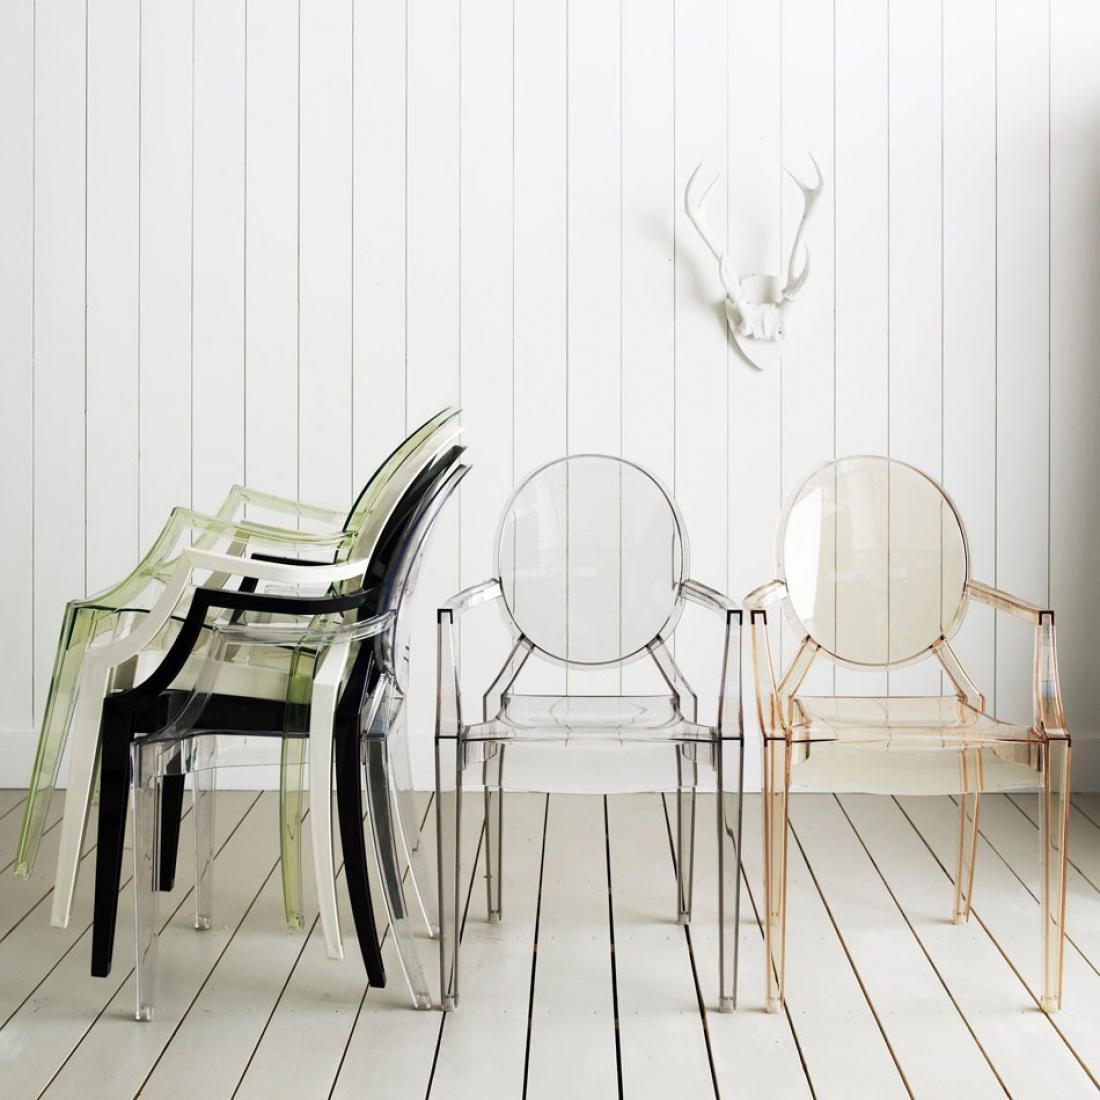 Бесподобные прозрачные стулья в интерьере